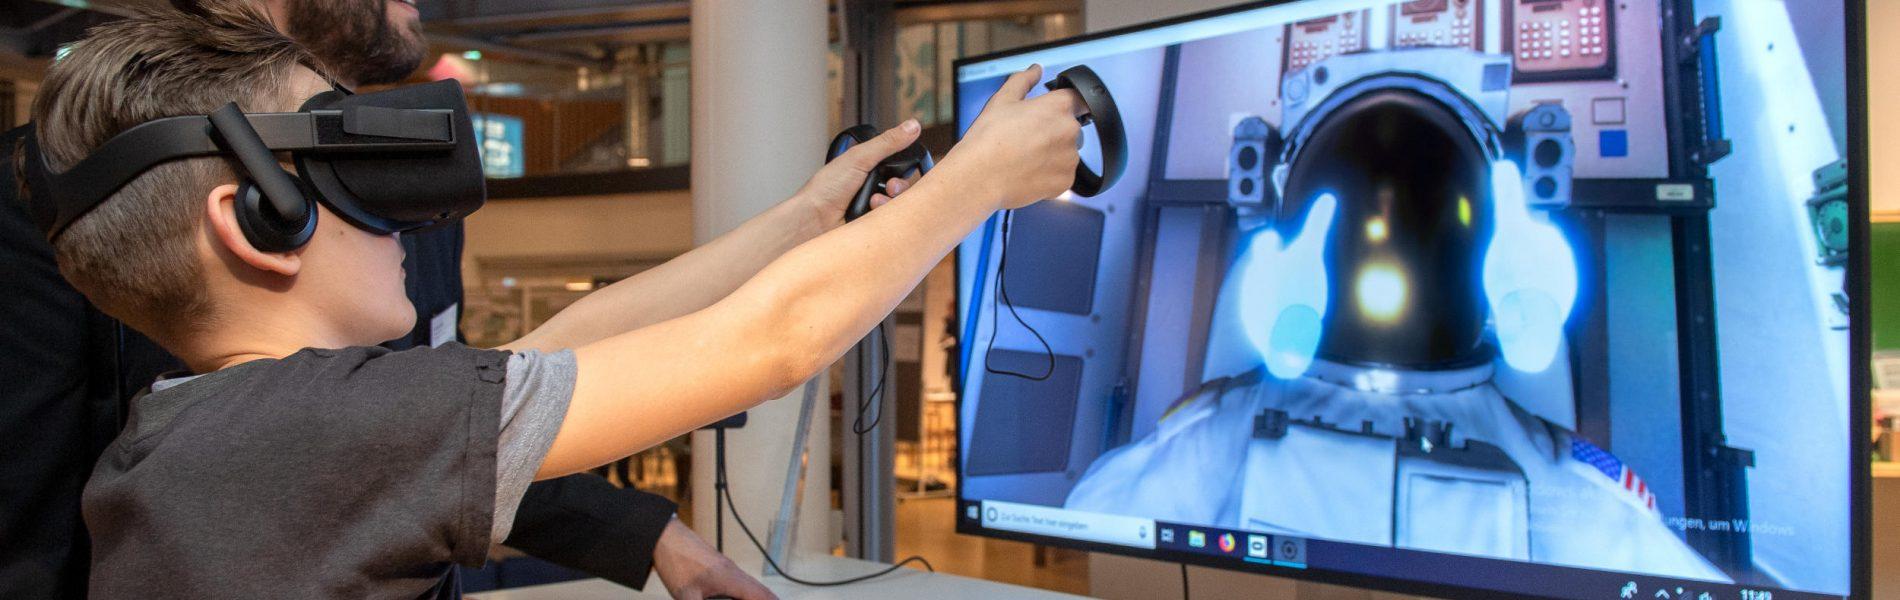 Auf diesem Bild sieht man einen Jungen, der mit einer Virtual Reality Brille und zwei Controllern in den Händen vor einem Bildschirm steht.